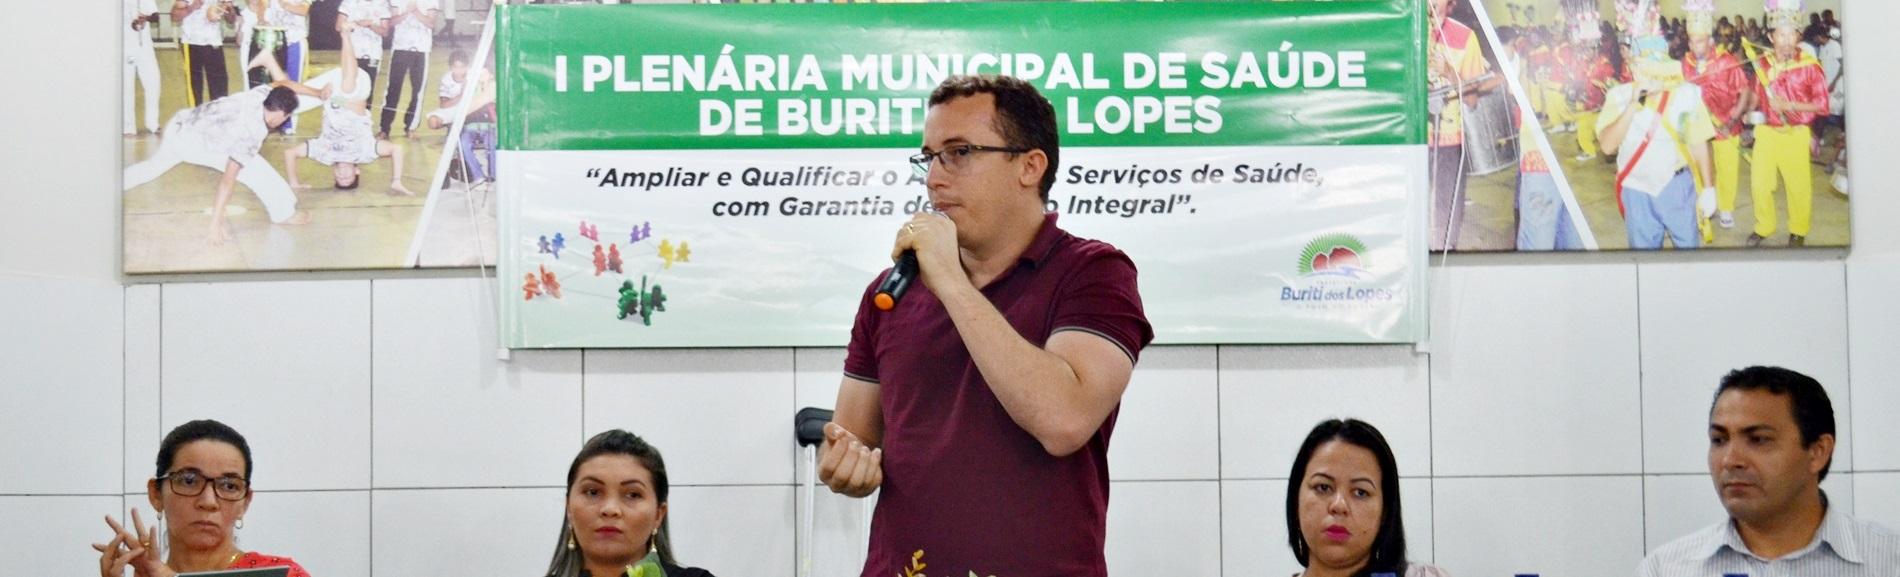 Na Saúde Pública Buriti dos Lopes Investe o Dobro de Antes, Diz Júnior Percy